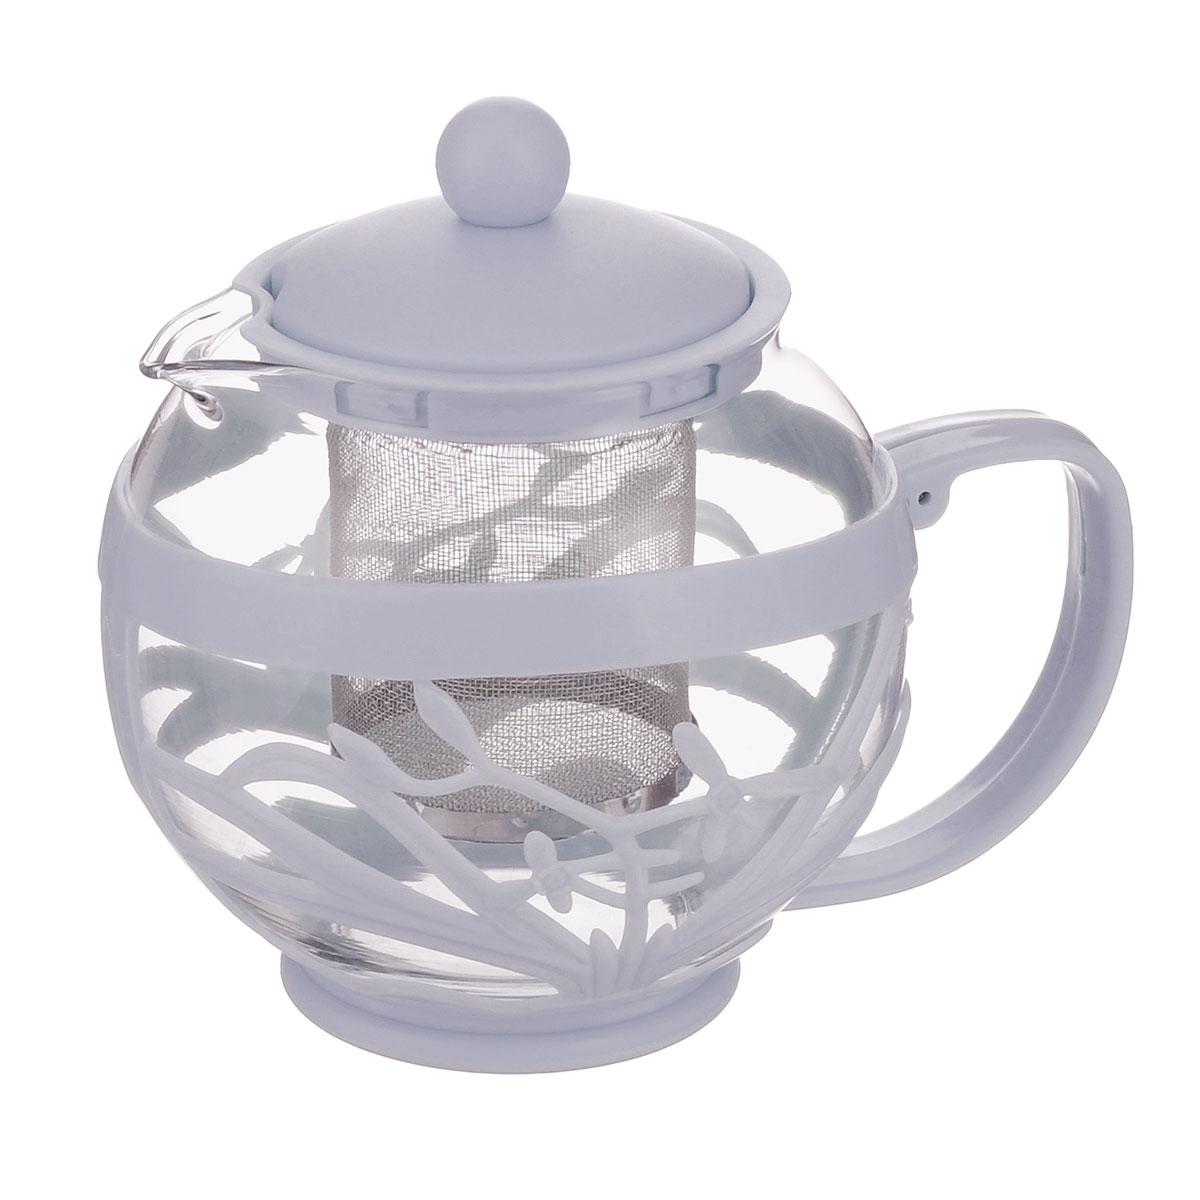 Чайник заварочный Menu Мелисса, с фильтром, цвет: прозрачный, серый, 750 млMLS-75_серЧайник Menu Мелисса изготовлен из прочного стекла ипластика. Он прекрасно подойдет для заваривания чая итравяных напитков. Классический стиль и оптимальный объемделают его удобным и оригинальным аксессуаром. Изделиеимеет удлиненный металлический фильтр, которыйобеспечивает высокое качество фильтрации напитка ипозволяет заварить чай даже при небольшом уровне воды.Ручка чайника не нагревается и обеспечивает безопасностьиспользования.Нельзя мыть в посудомоечной машине.Диаметр чайника (по верхнему краю): 8 см. Высота чайника (без учета крышки): 11 см. Размер фильтра: 6 х 6 х 7,2 см.